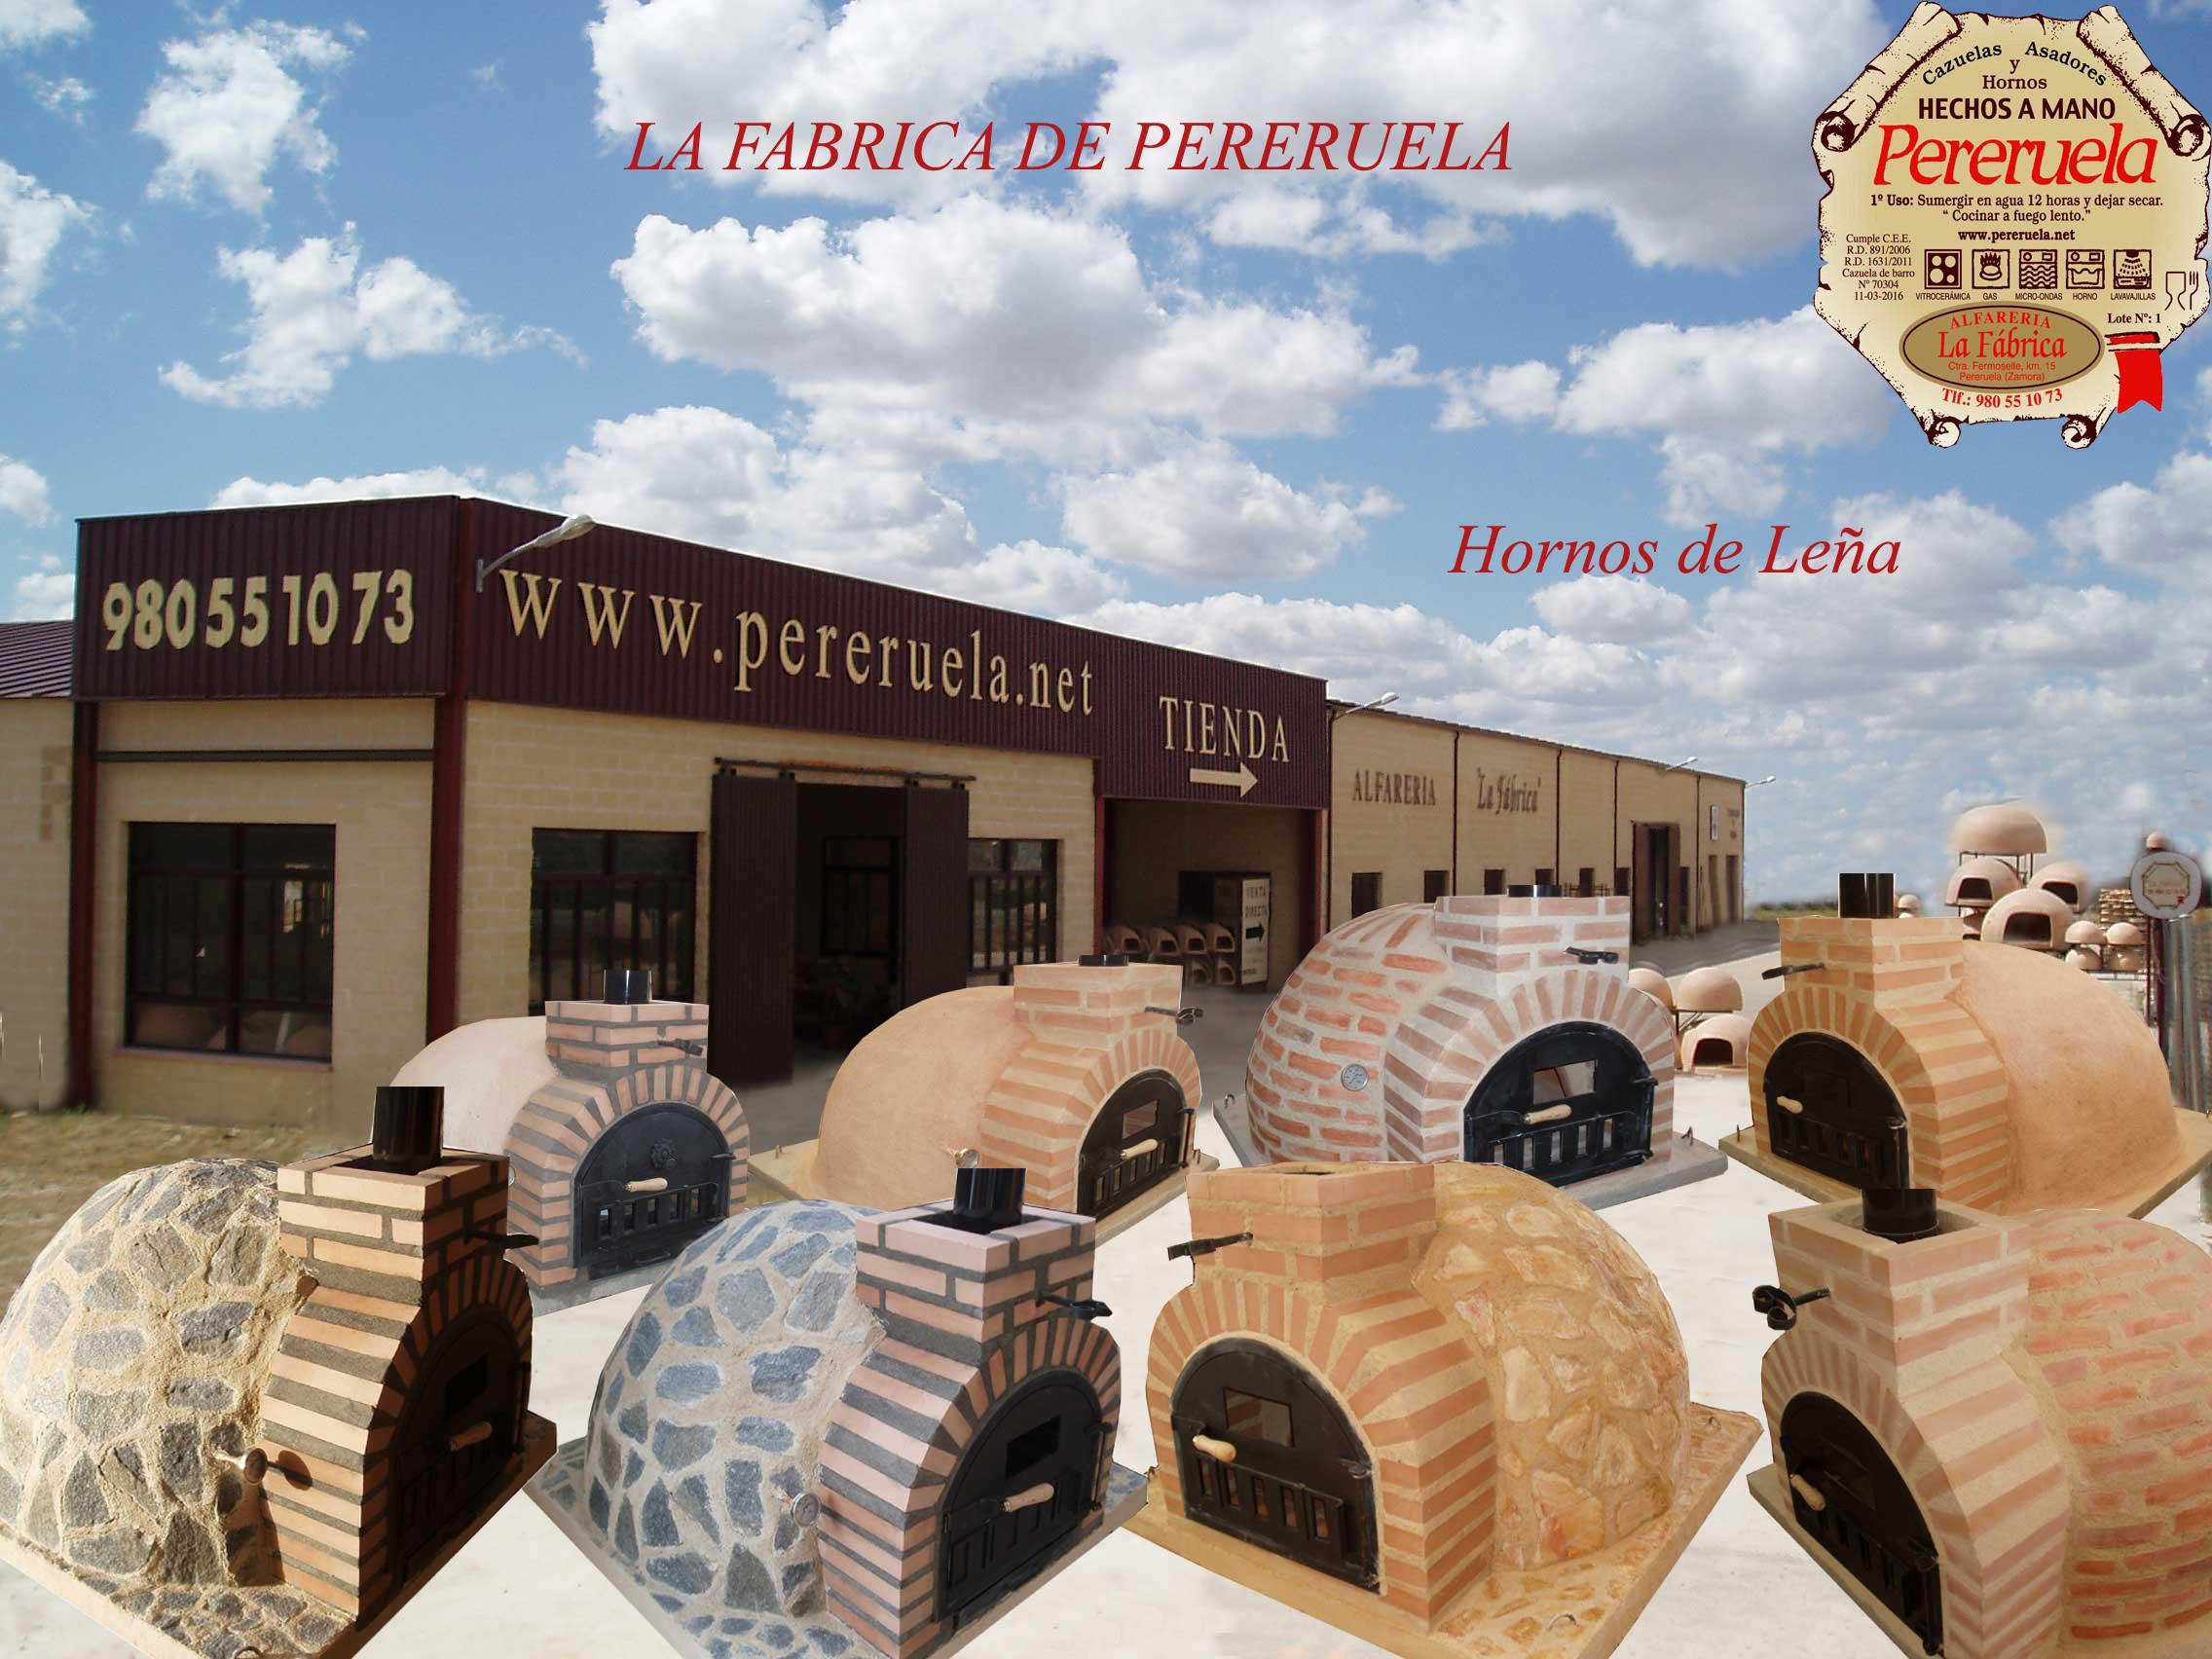 La Fábrica de Pereruela